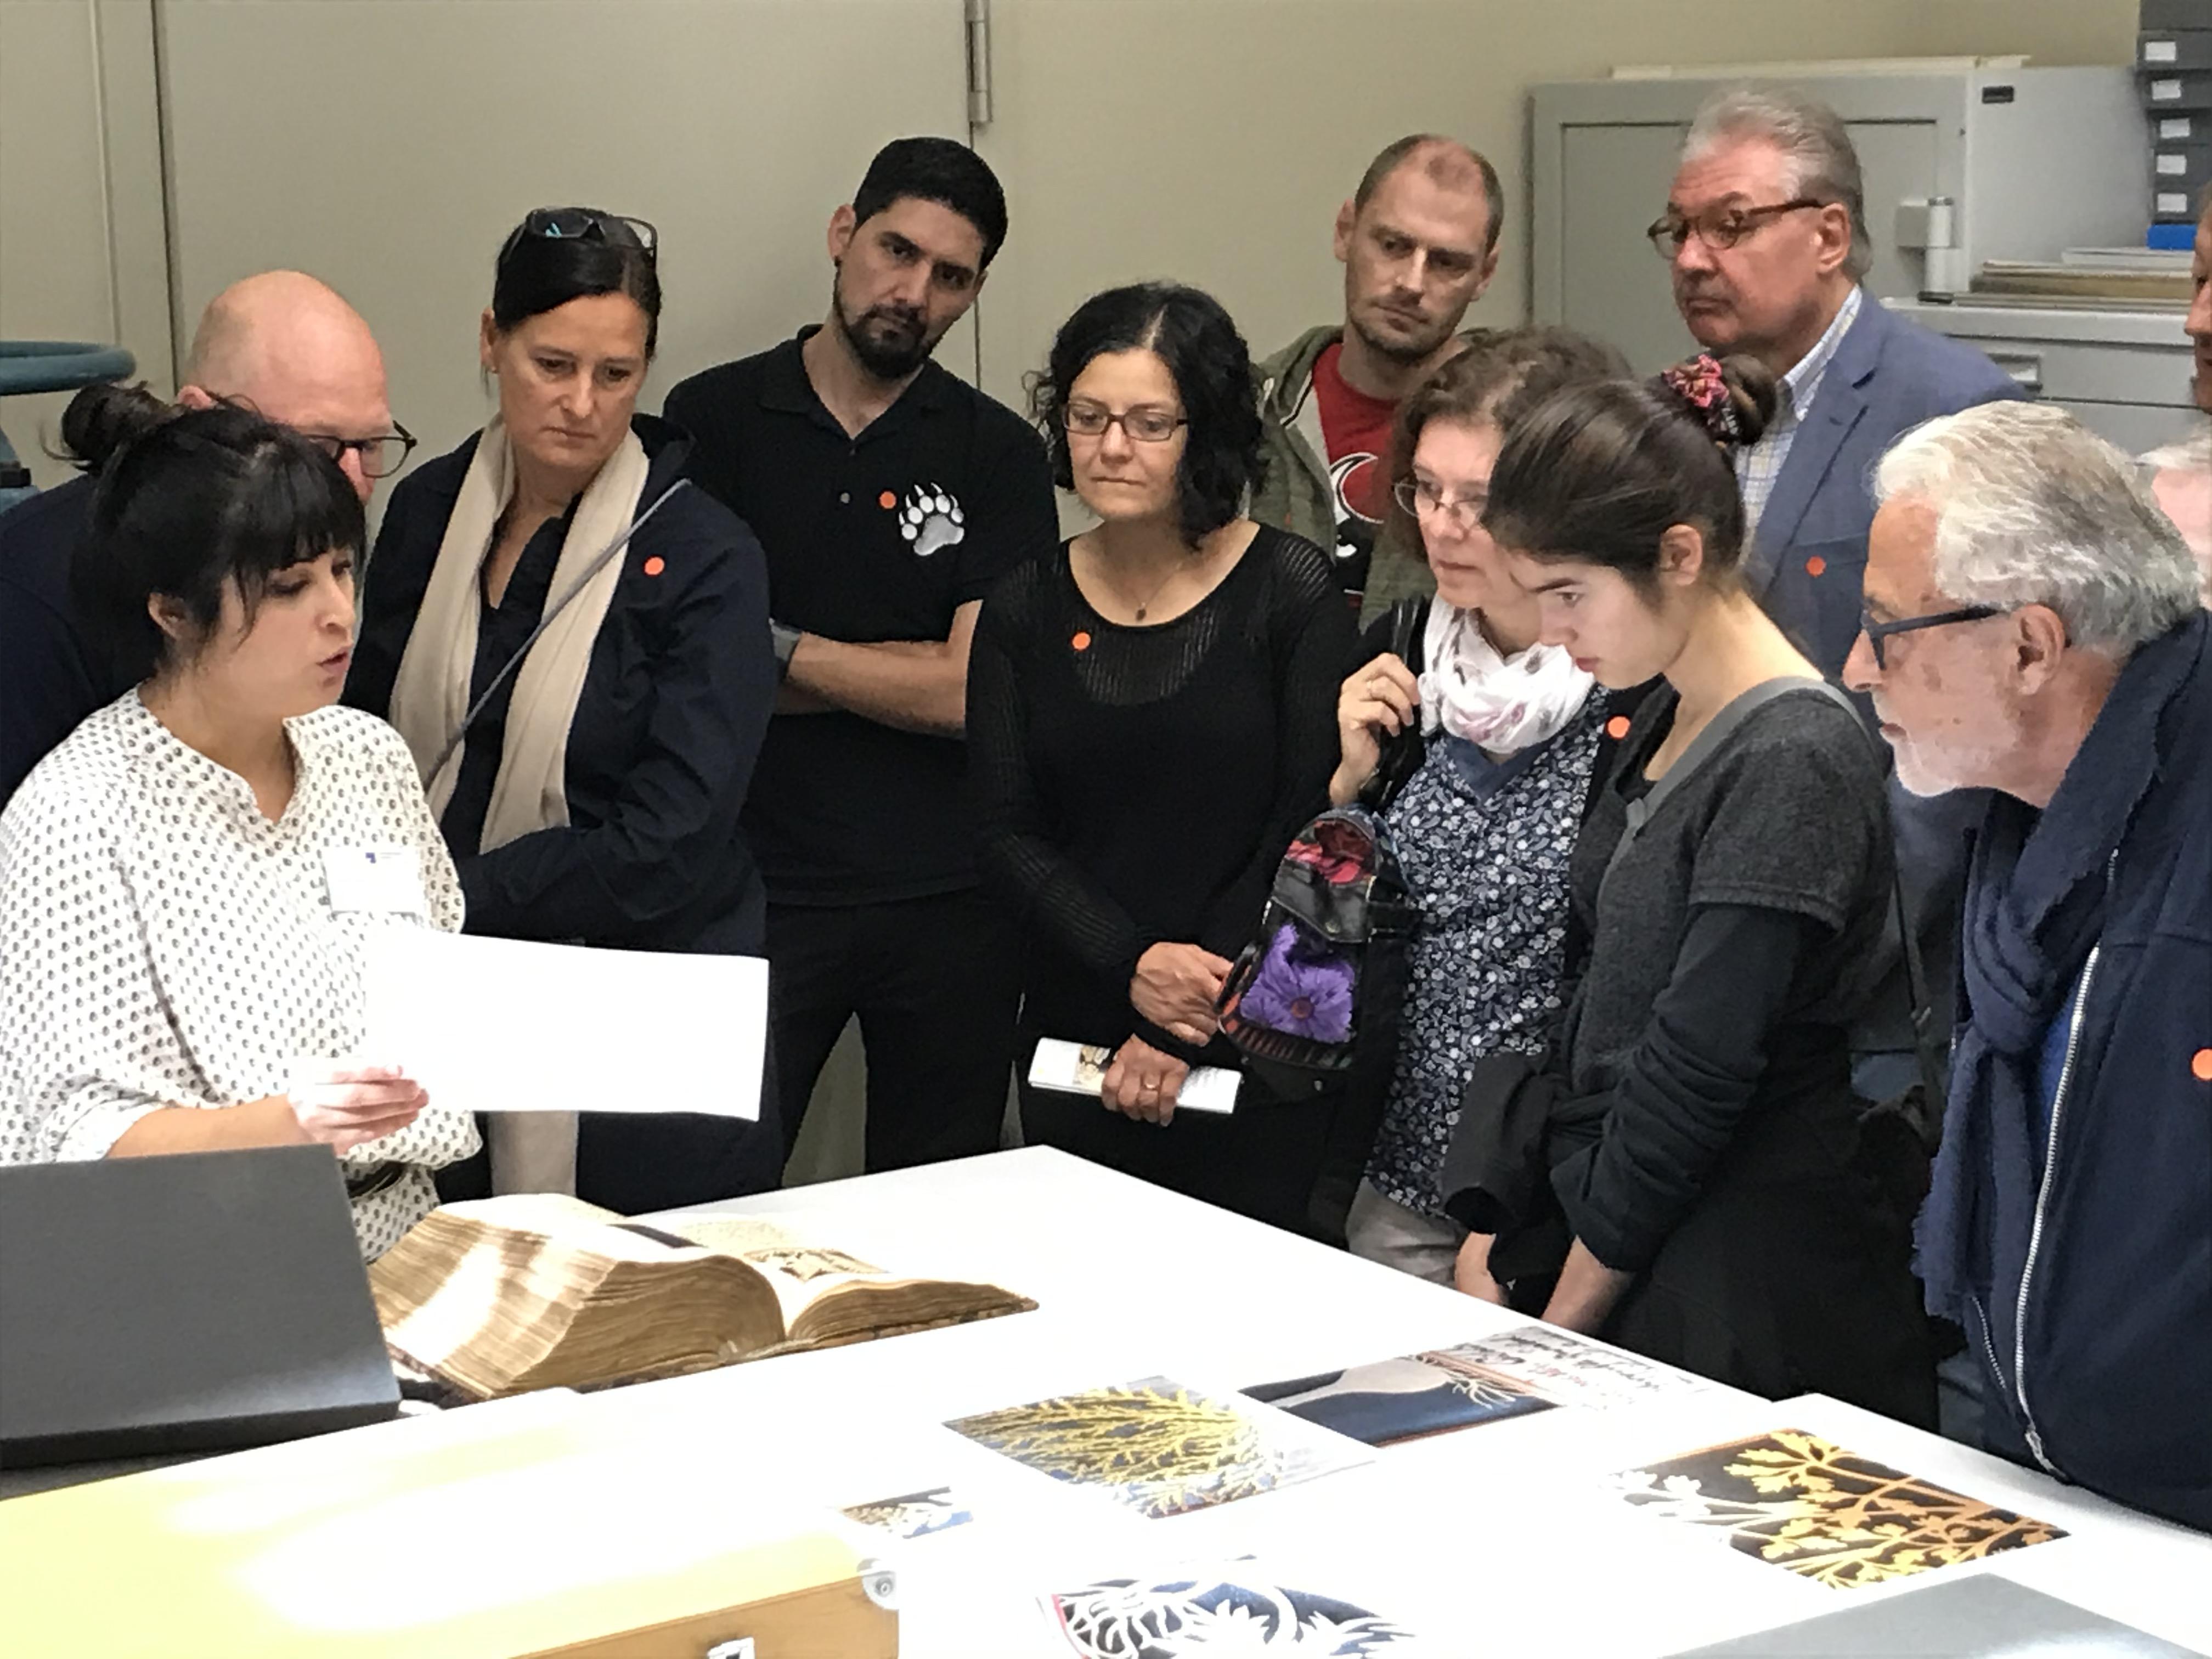 Europäischer Tag der Restaurierung 2019: Einer Besuchergruppe wird die Restaurierung einer Handschrift aus dem 17 Jh. mit zahlreichen fragilen Weißschnitten erläutert.  Foto: J. Bispinck-Roßbacher, SBB-PK